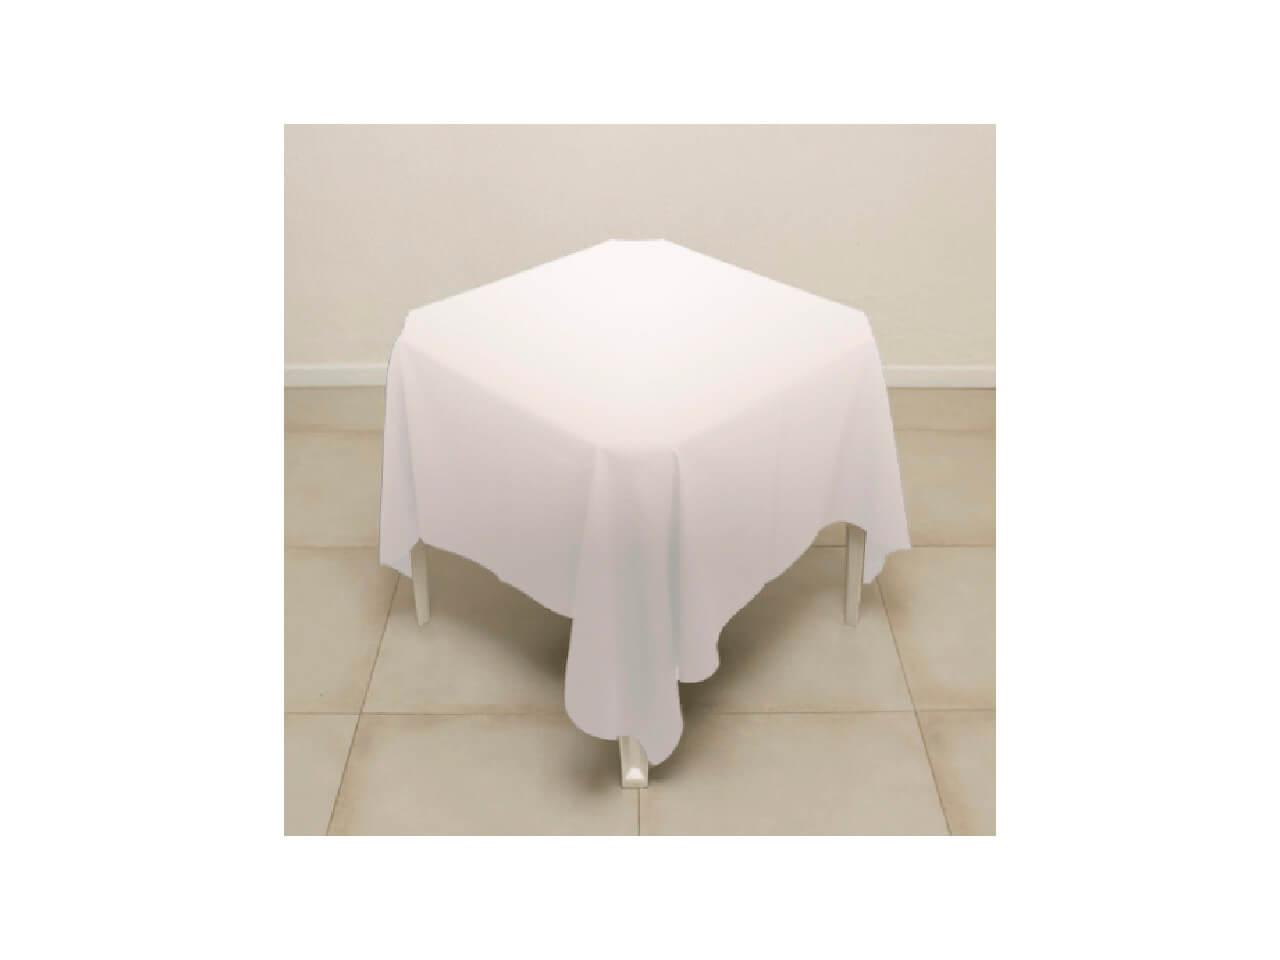 Toalha de mesa 1,5x1,5 - Varias cores